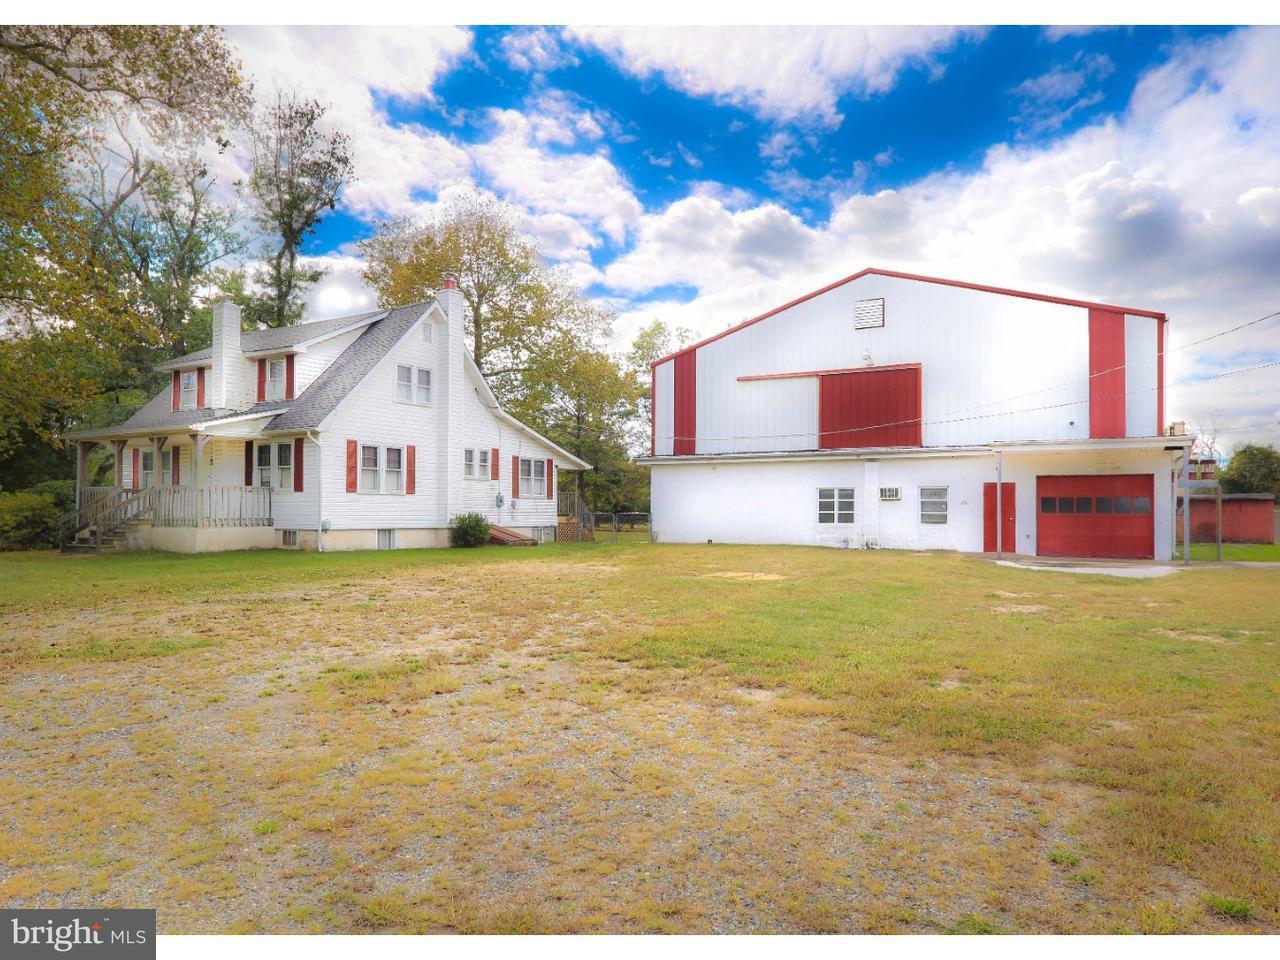 Частный односемейный дом для того Продажа на 1109 ALVINE Road Pittsgrove, Нью-Джерси 08318 Соединенные Штаты